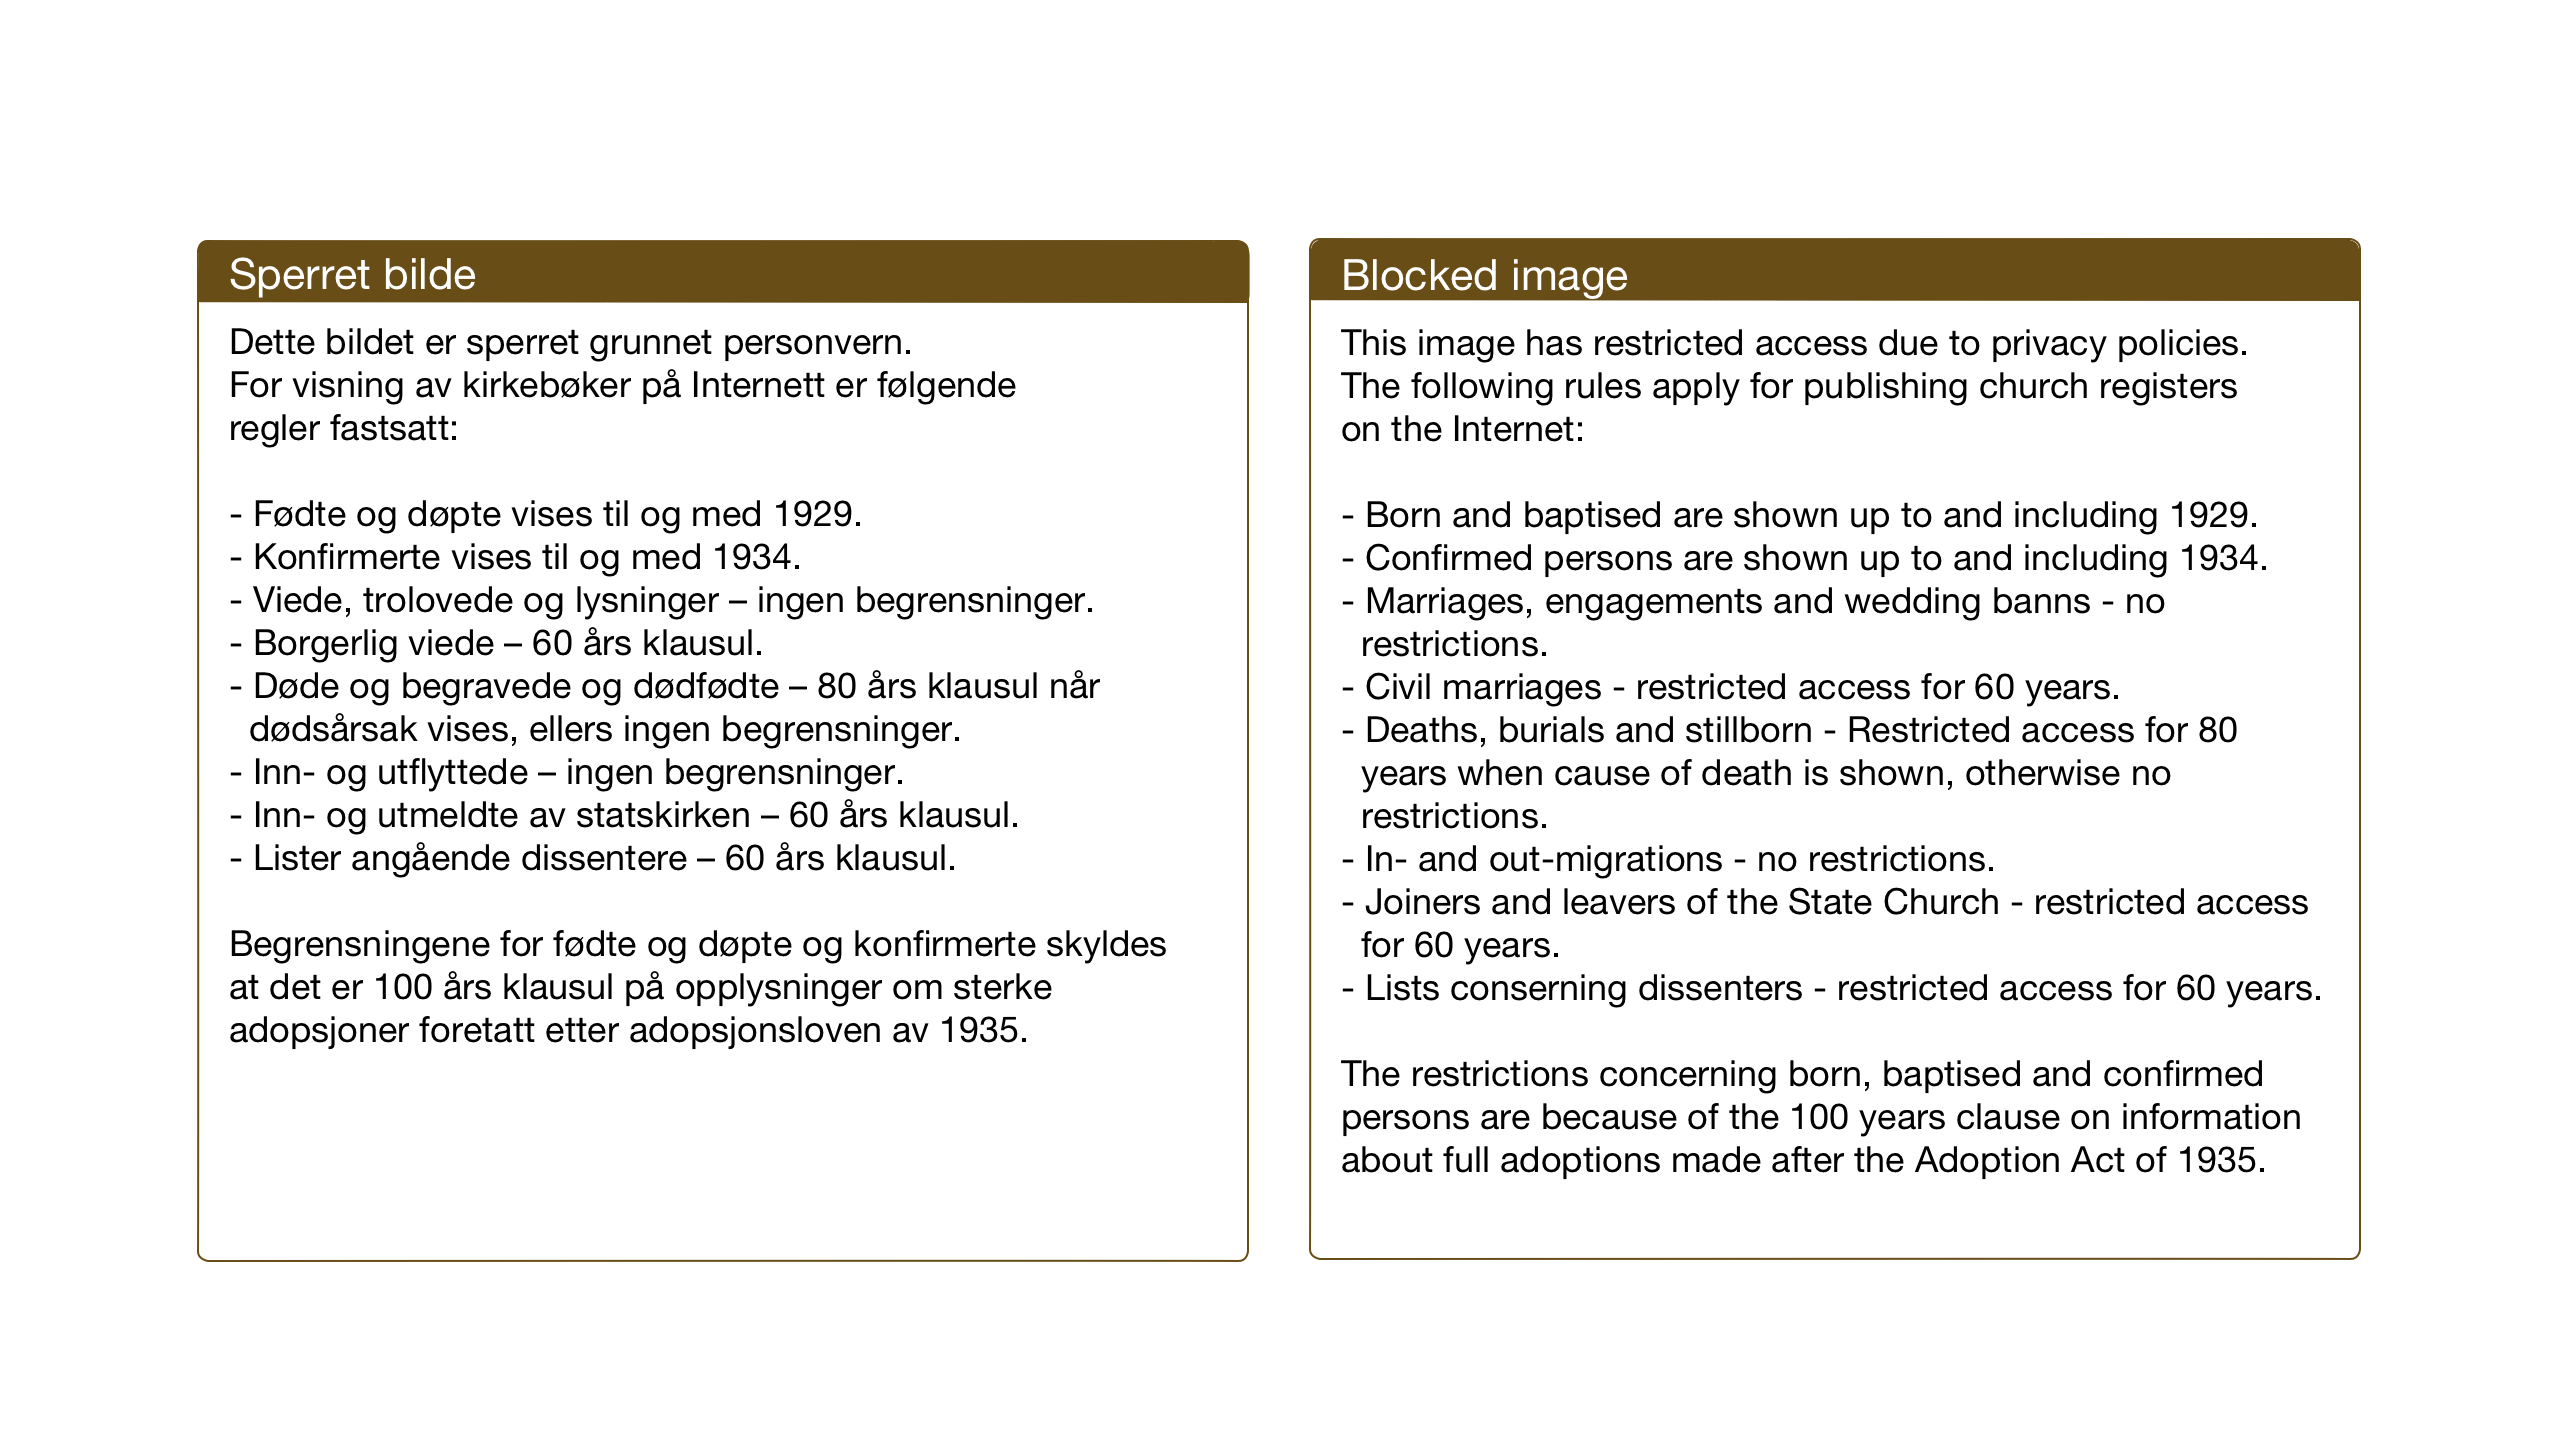 SAT, Ministerialprotokoller, klokkerbøker og fødselsregistre - Nord-Trøndelag, 722/L0227: Klokkerbok nr. 722C03, 1928-1958, s. 122